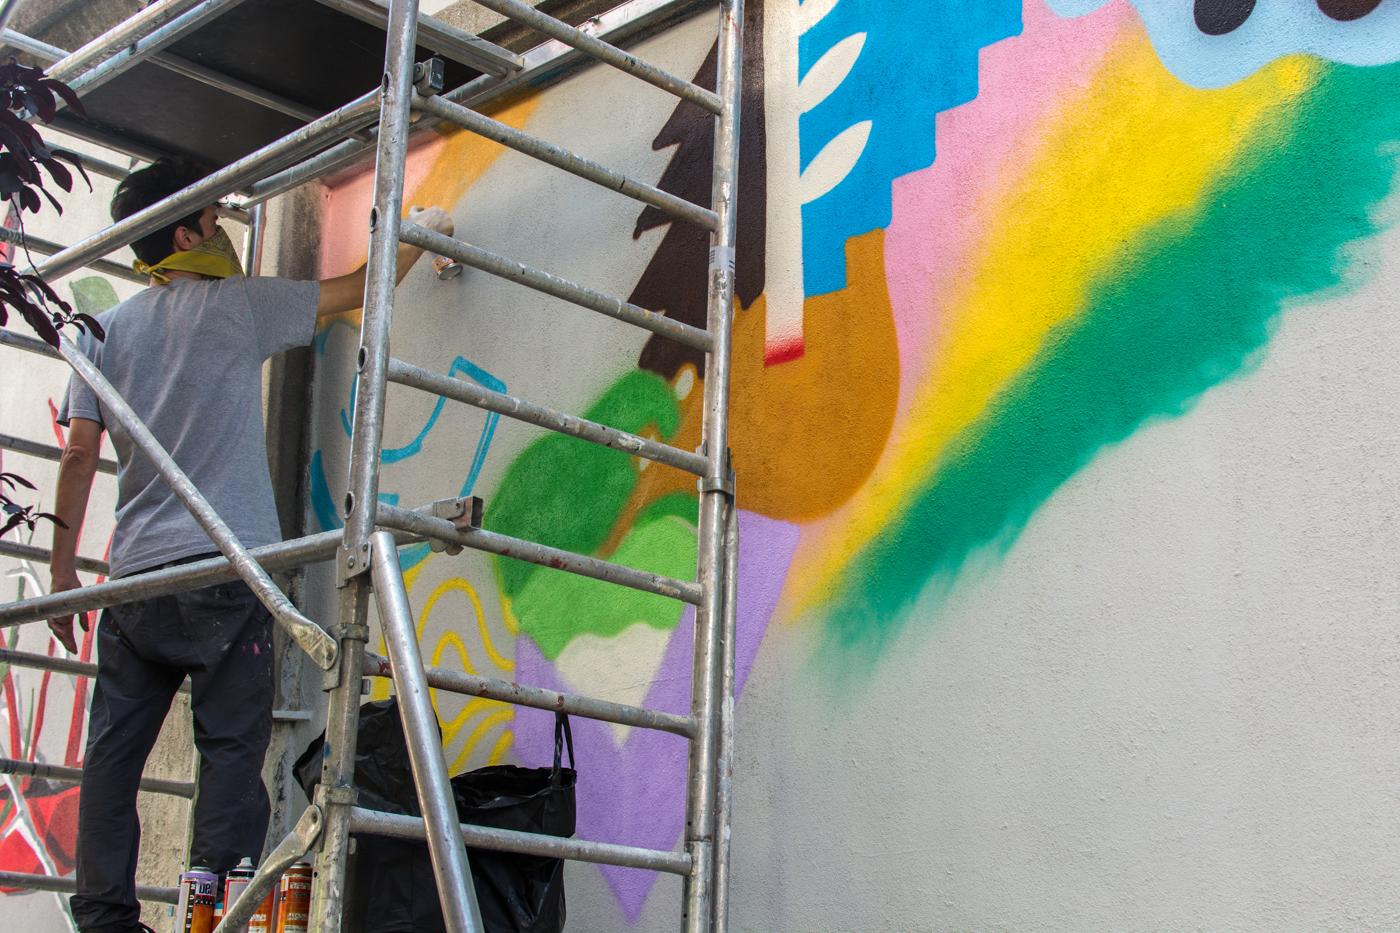 Zosen - MurosTabacalera by Guillermo de la Madrid - Madrid Street Art Project -27-2.jpg